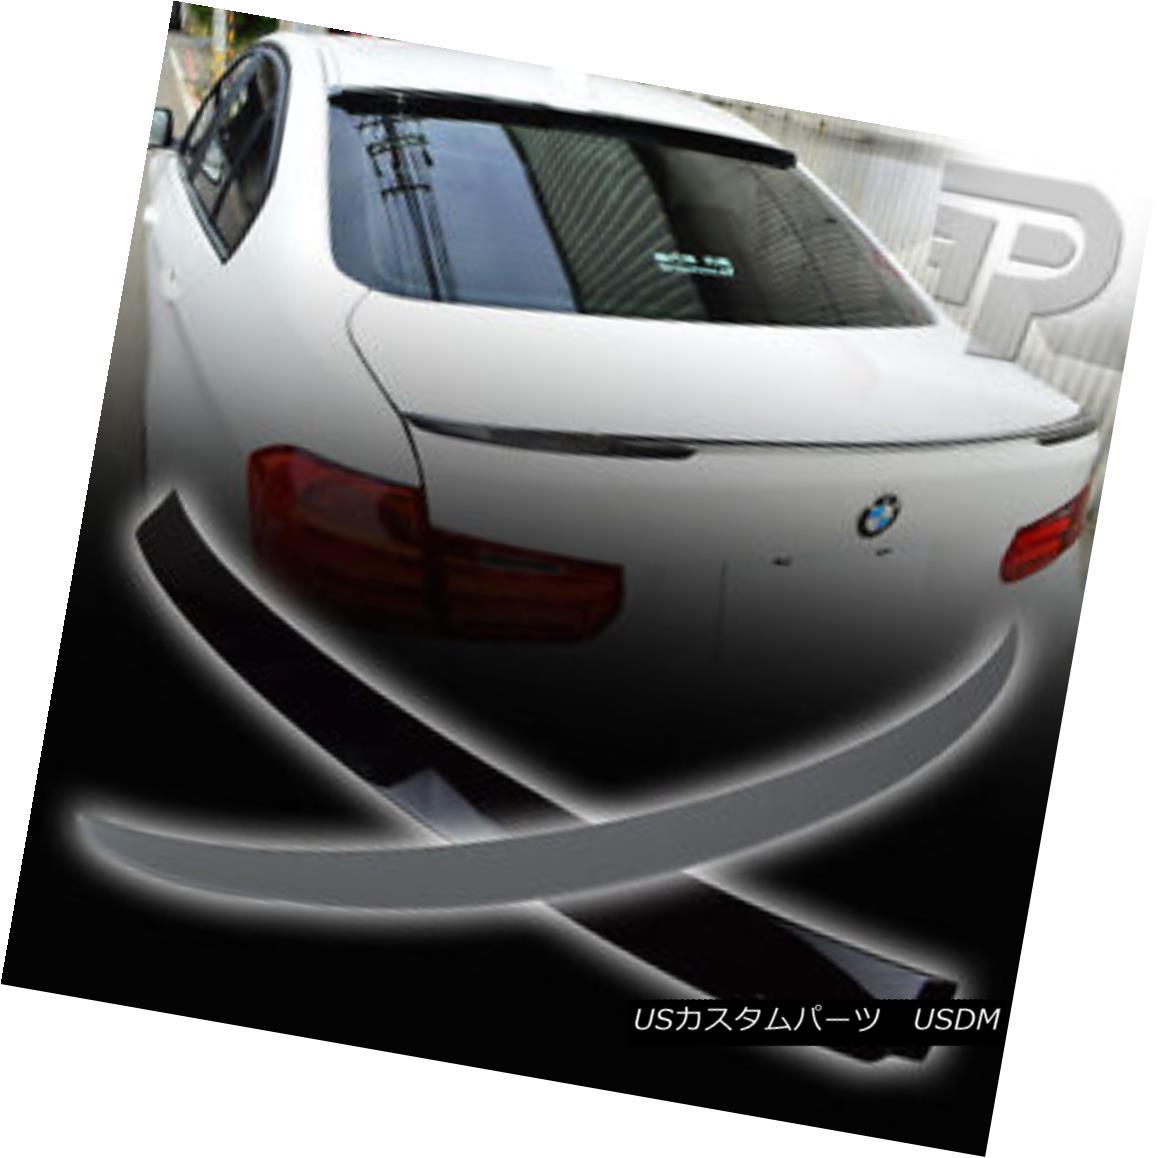 エアロパーツ PAINTED BMW 3-SERIES F30 SEDAN REAR ROOF A TYPE + P PERFORMANCE TRUNK SPOILER ▼ ペイントされたBMW 3シリーズF30セダンリアルーフタイプ+ Pパフォーマンストランクスポイラー?